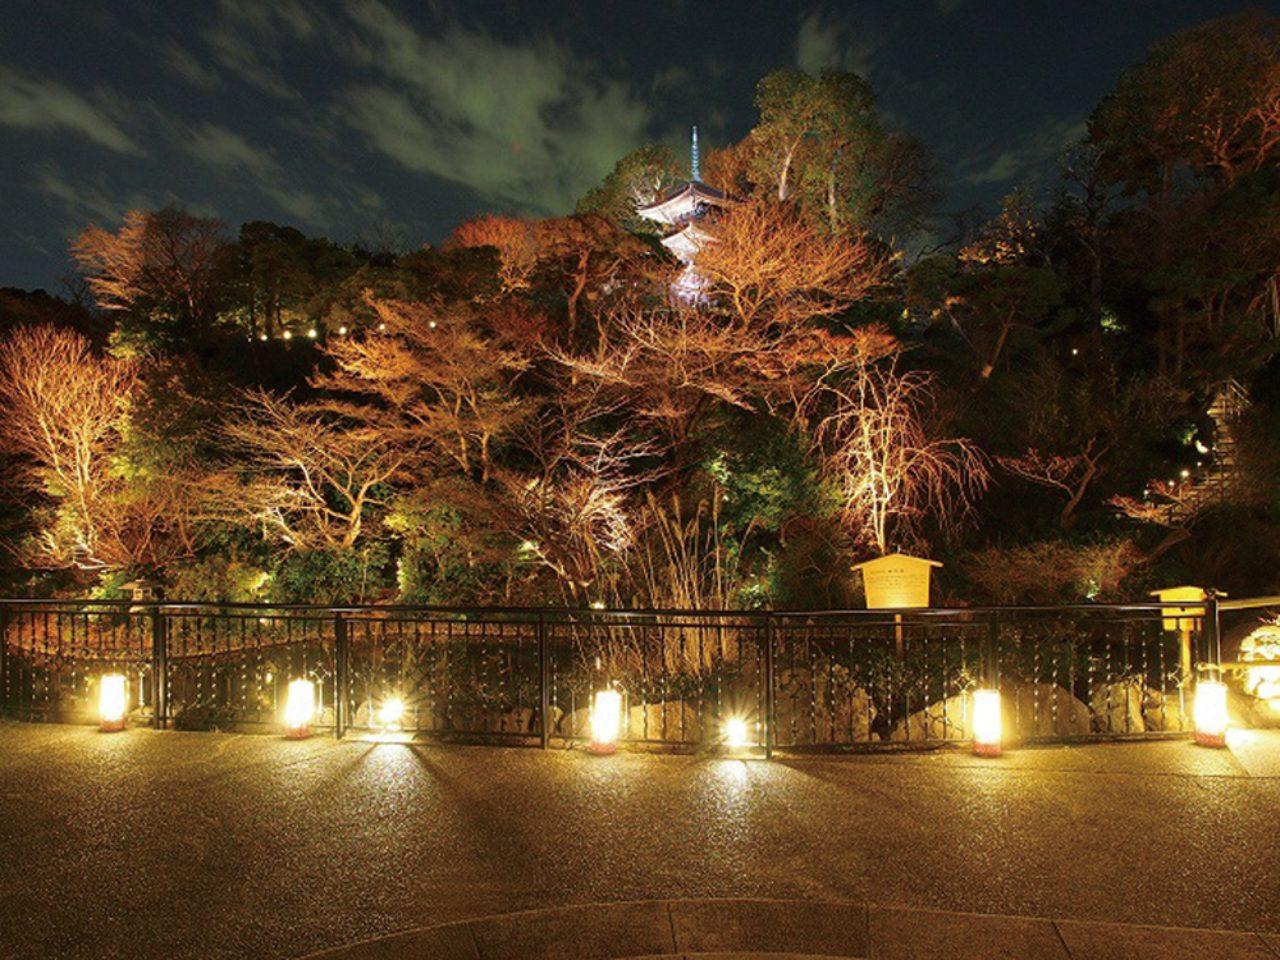 画像: ホテル椿山荘東京の日本庭園で再現される「花灯路」。もともと伏見・石峰寺の五百羅漢の一部であった20体の石仏や、下鴨神社の社殿と伏見稲荷明神の白玉稲荷から勧請された神社など、京都ゆかりのものが庭園各地に置かれていることもあり、本場の花灯路の雰囲気を味わうことができる。